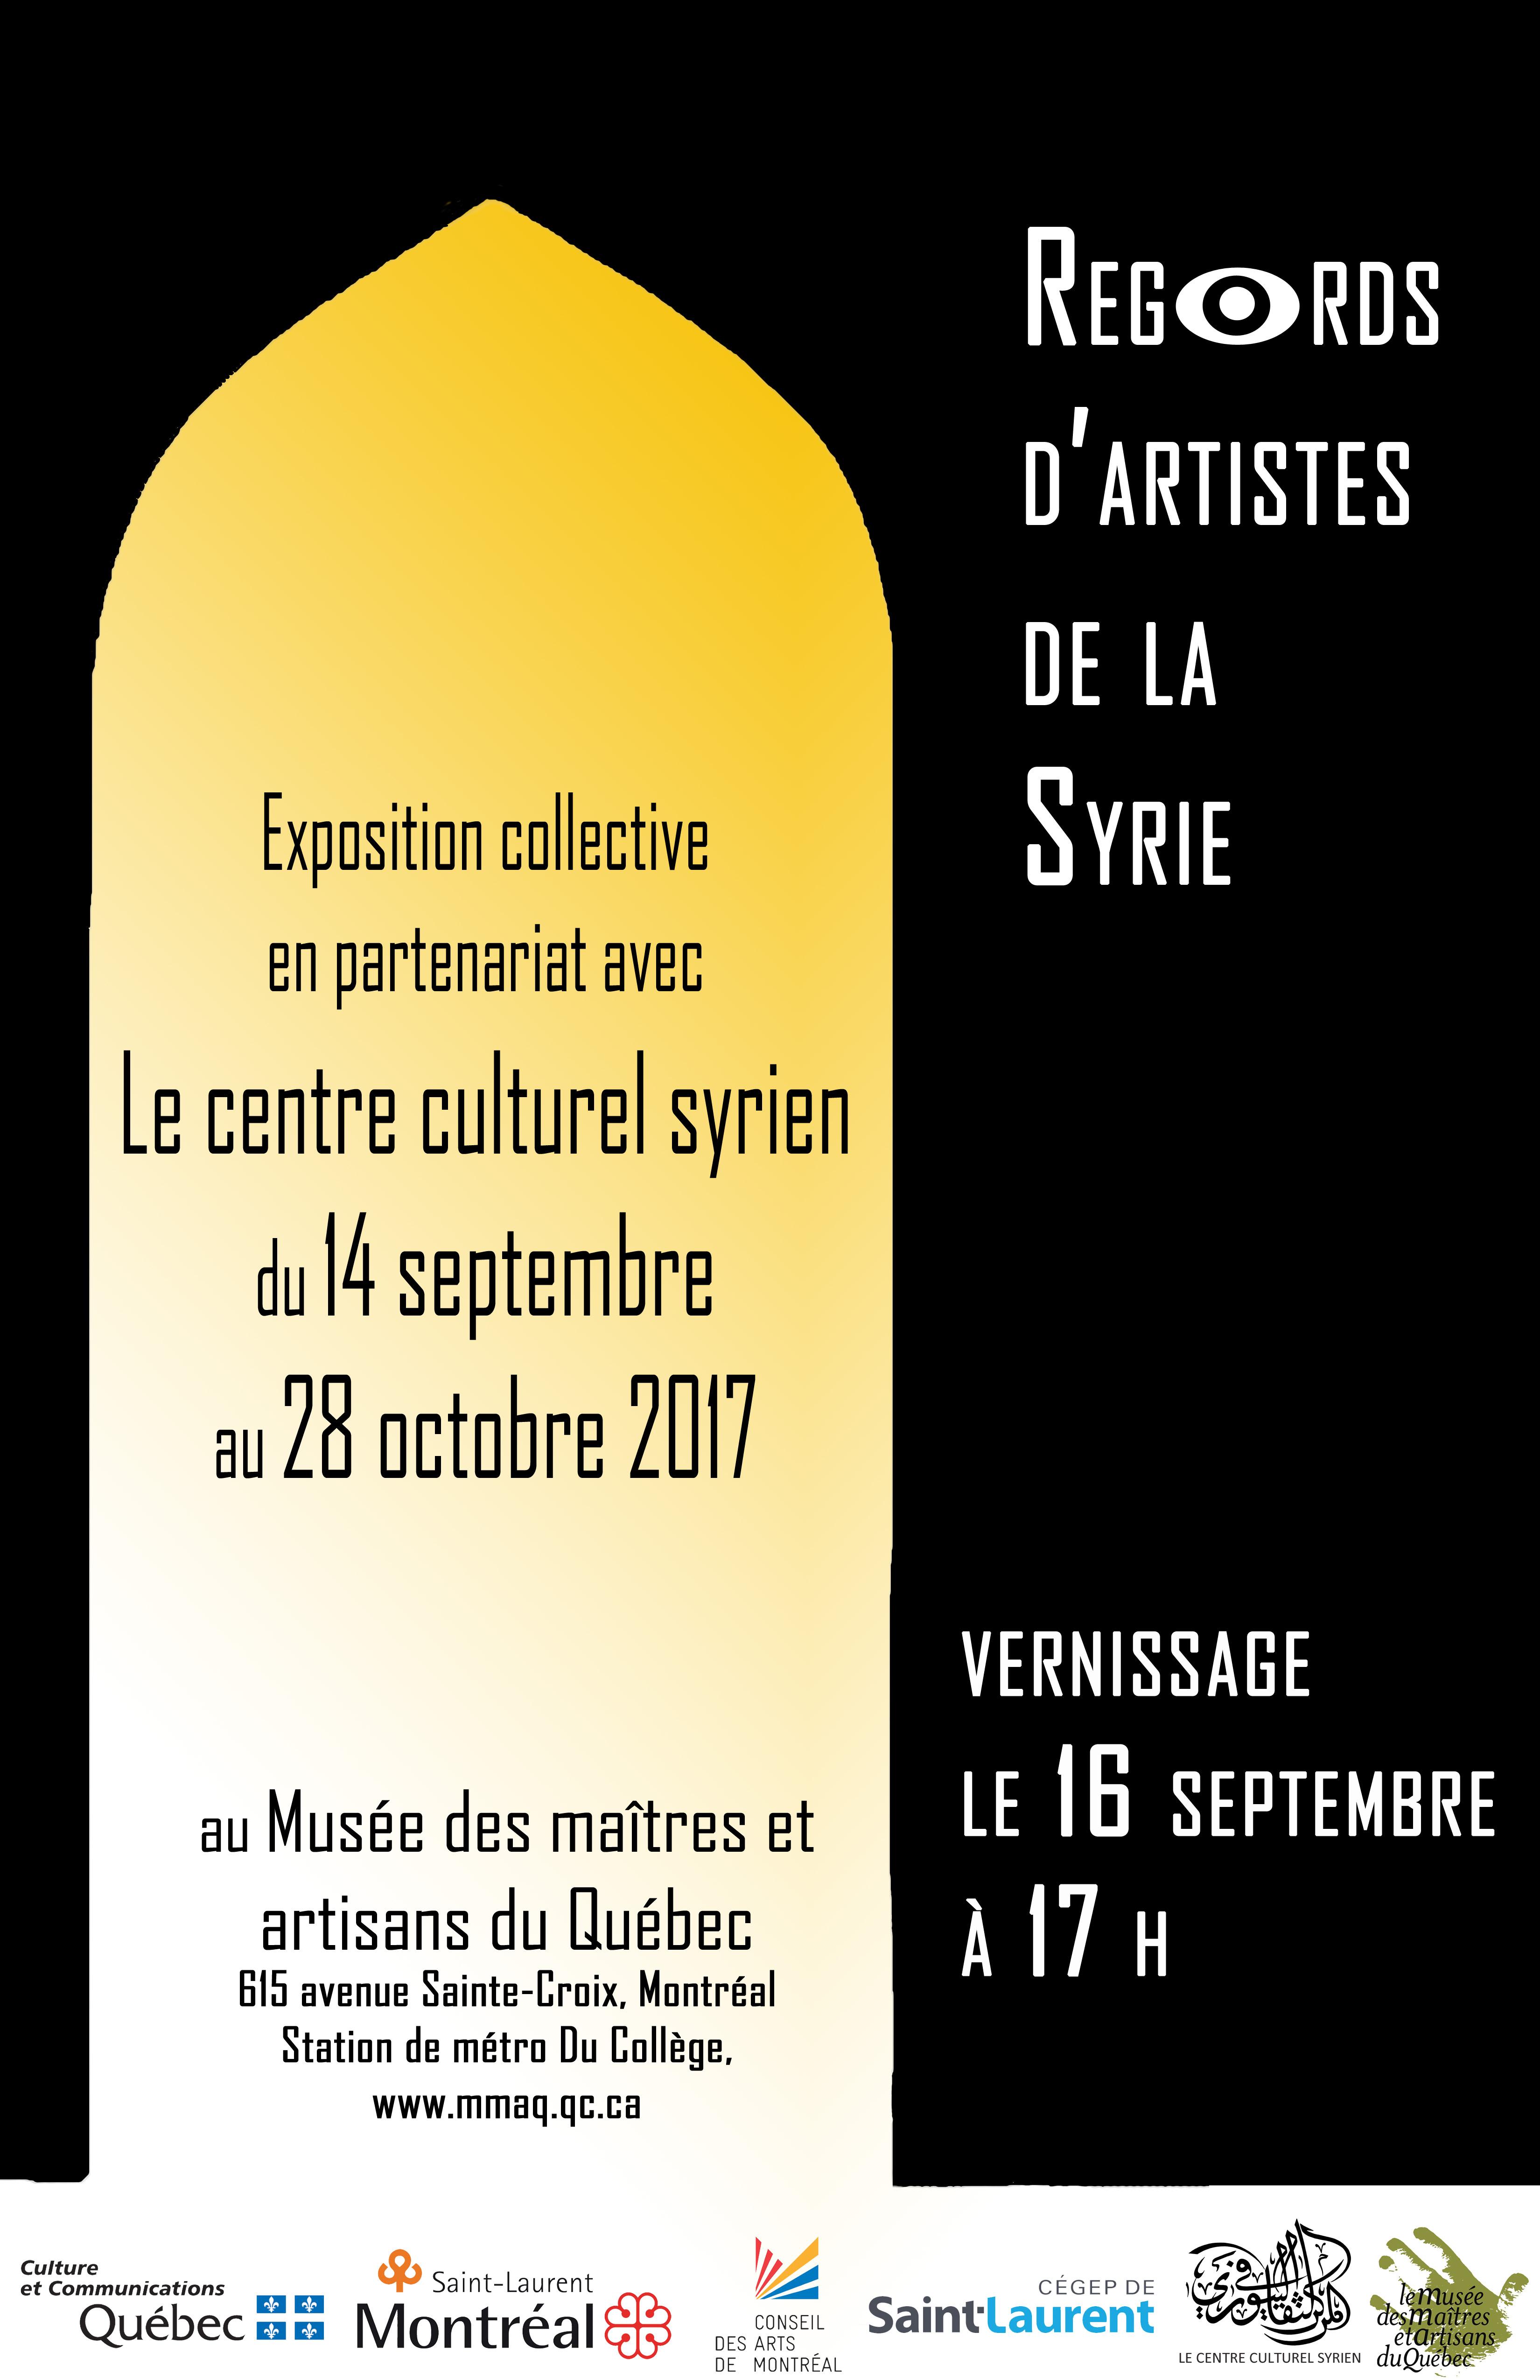 Affiche Regards d'artistes de la Syrie V2